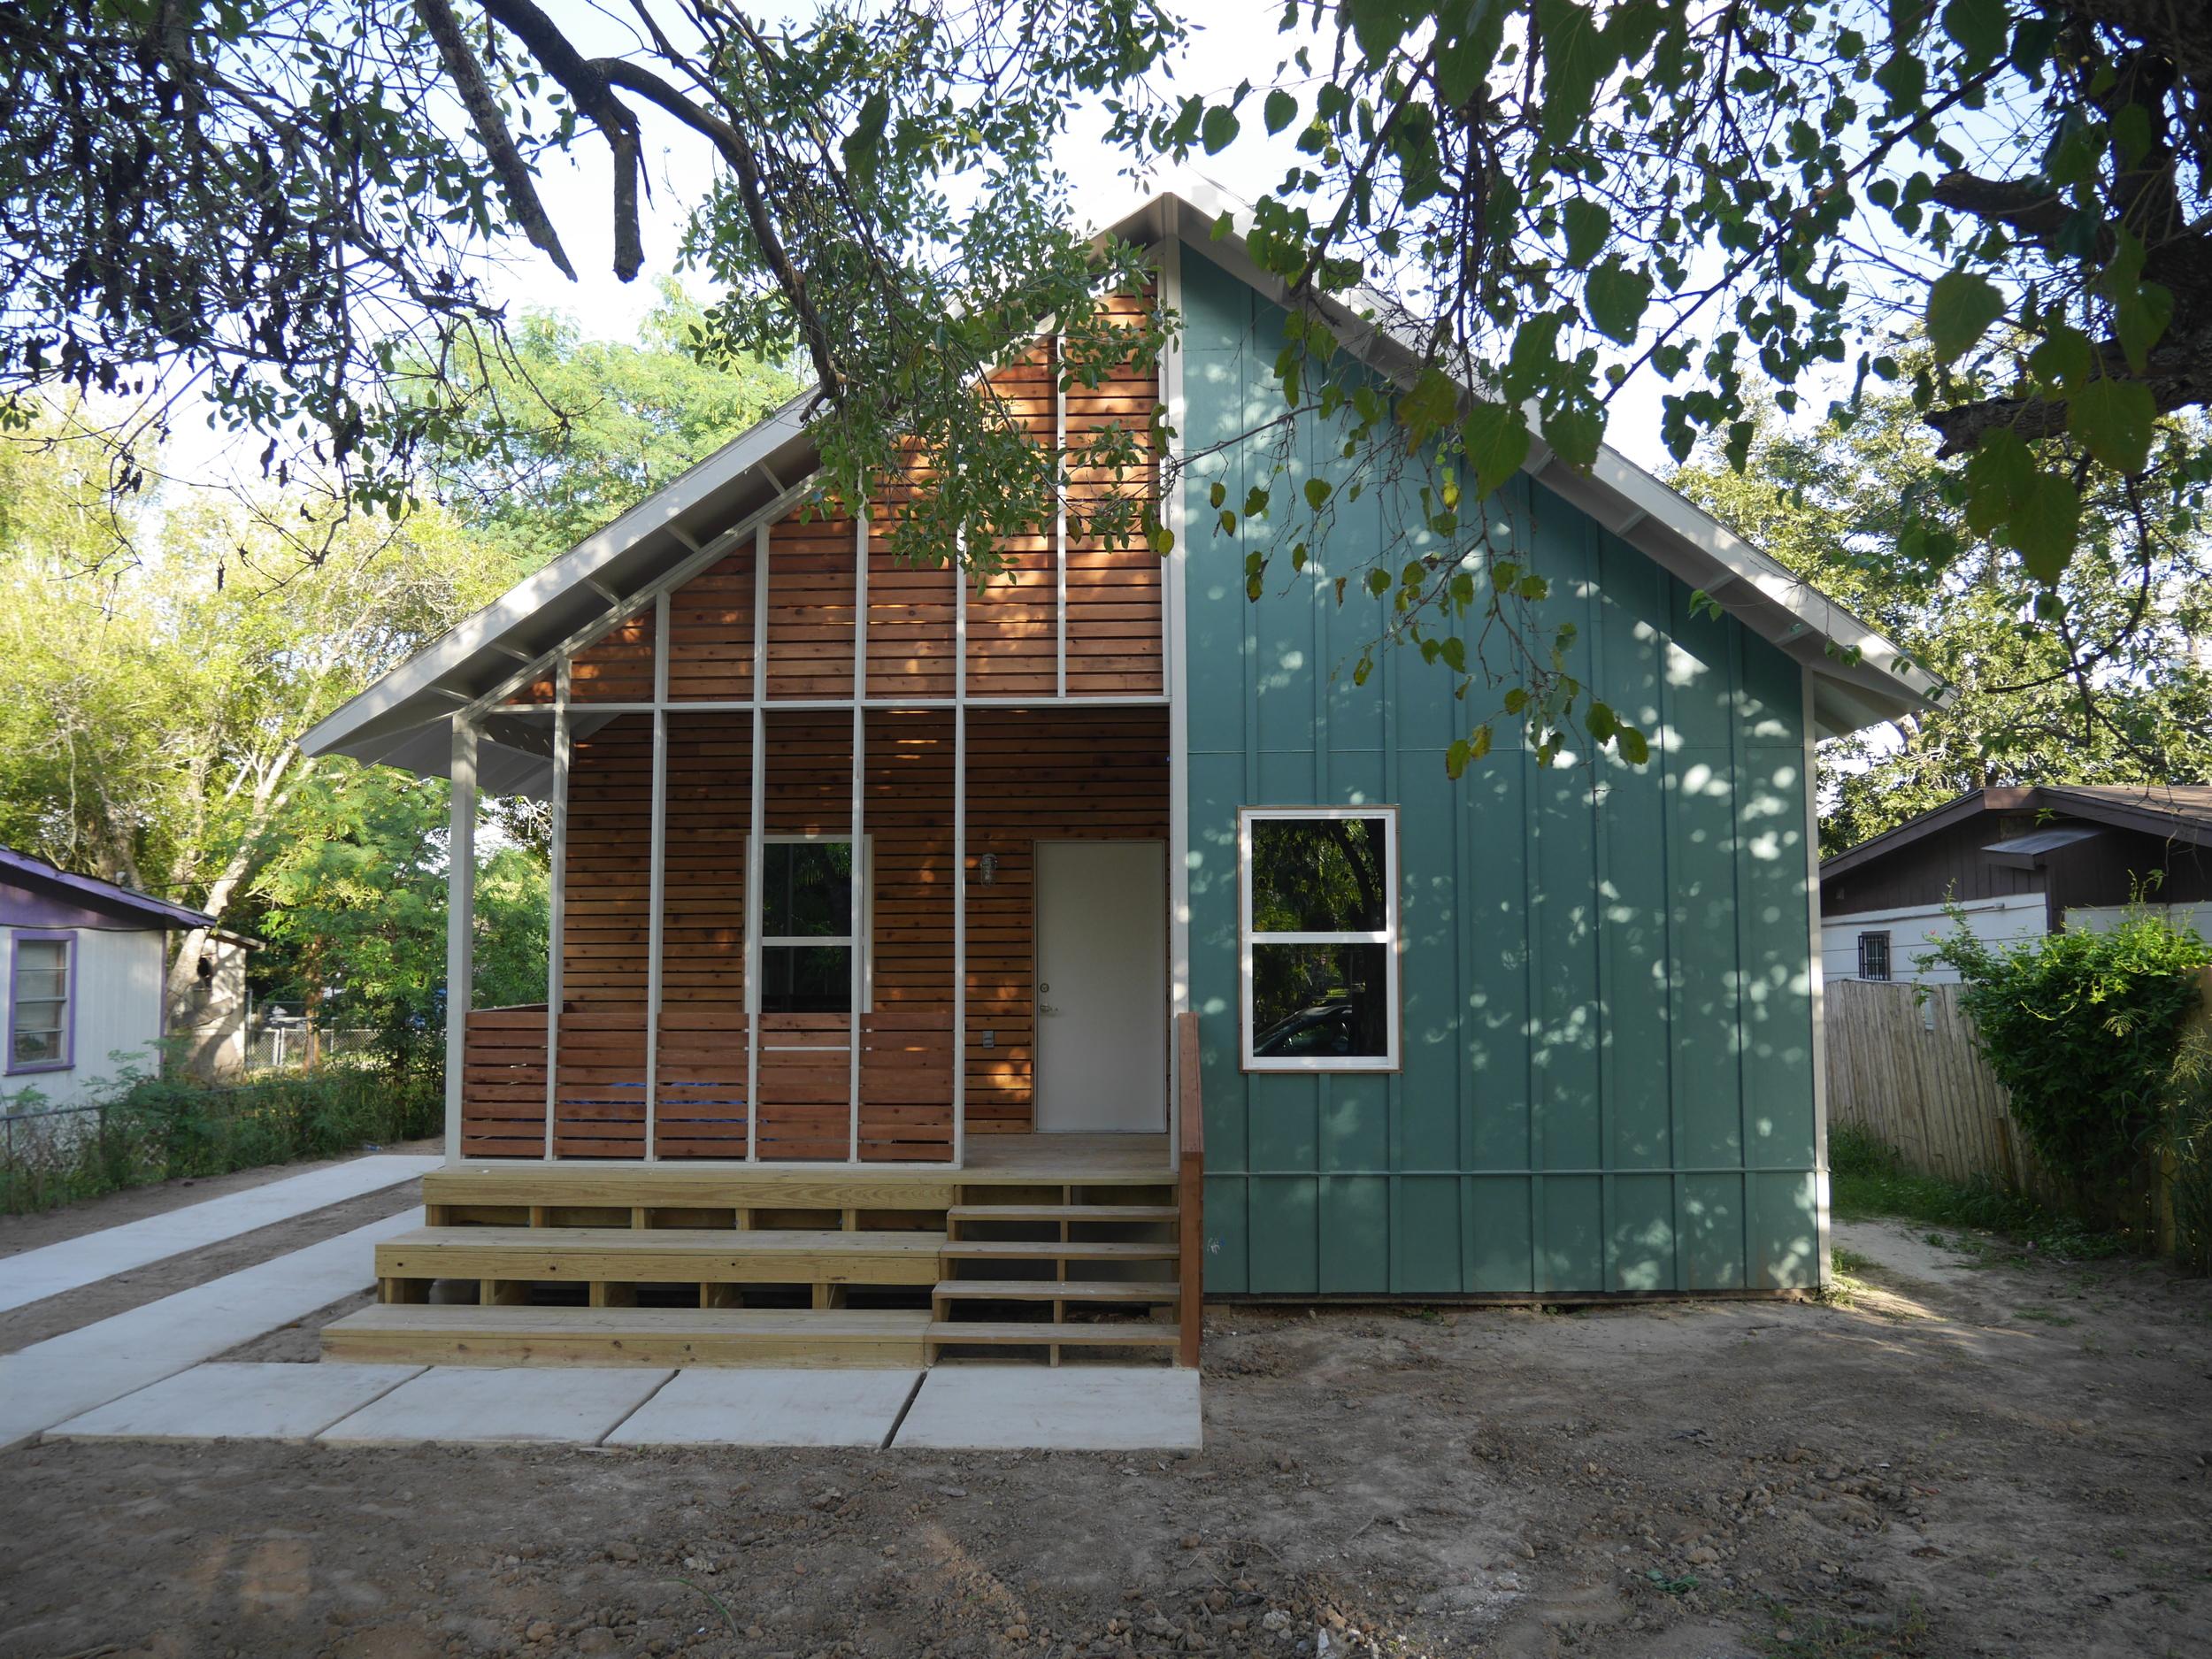 The Carolina house, a RAPIDO demonstration home.